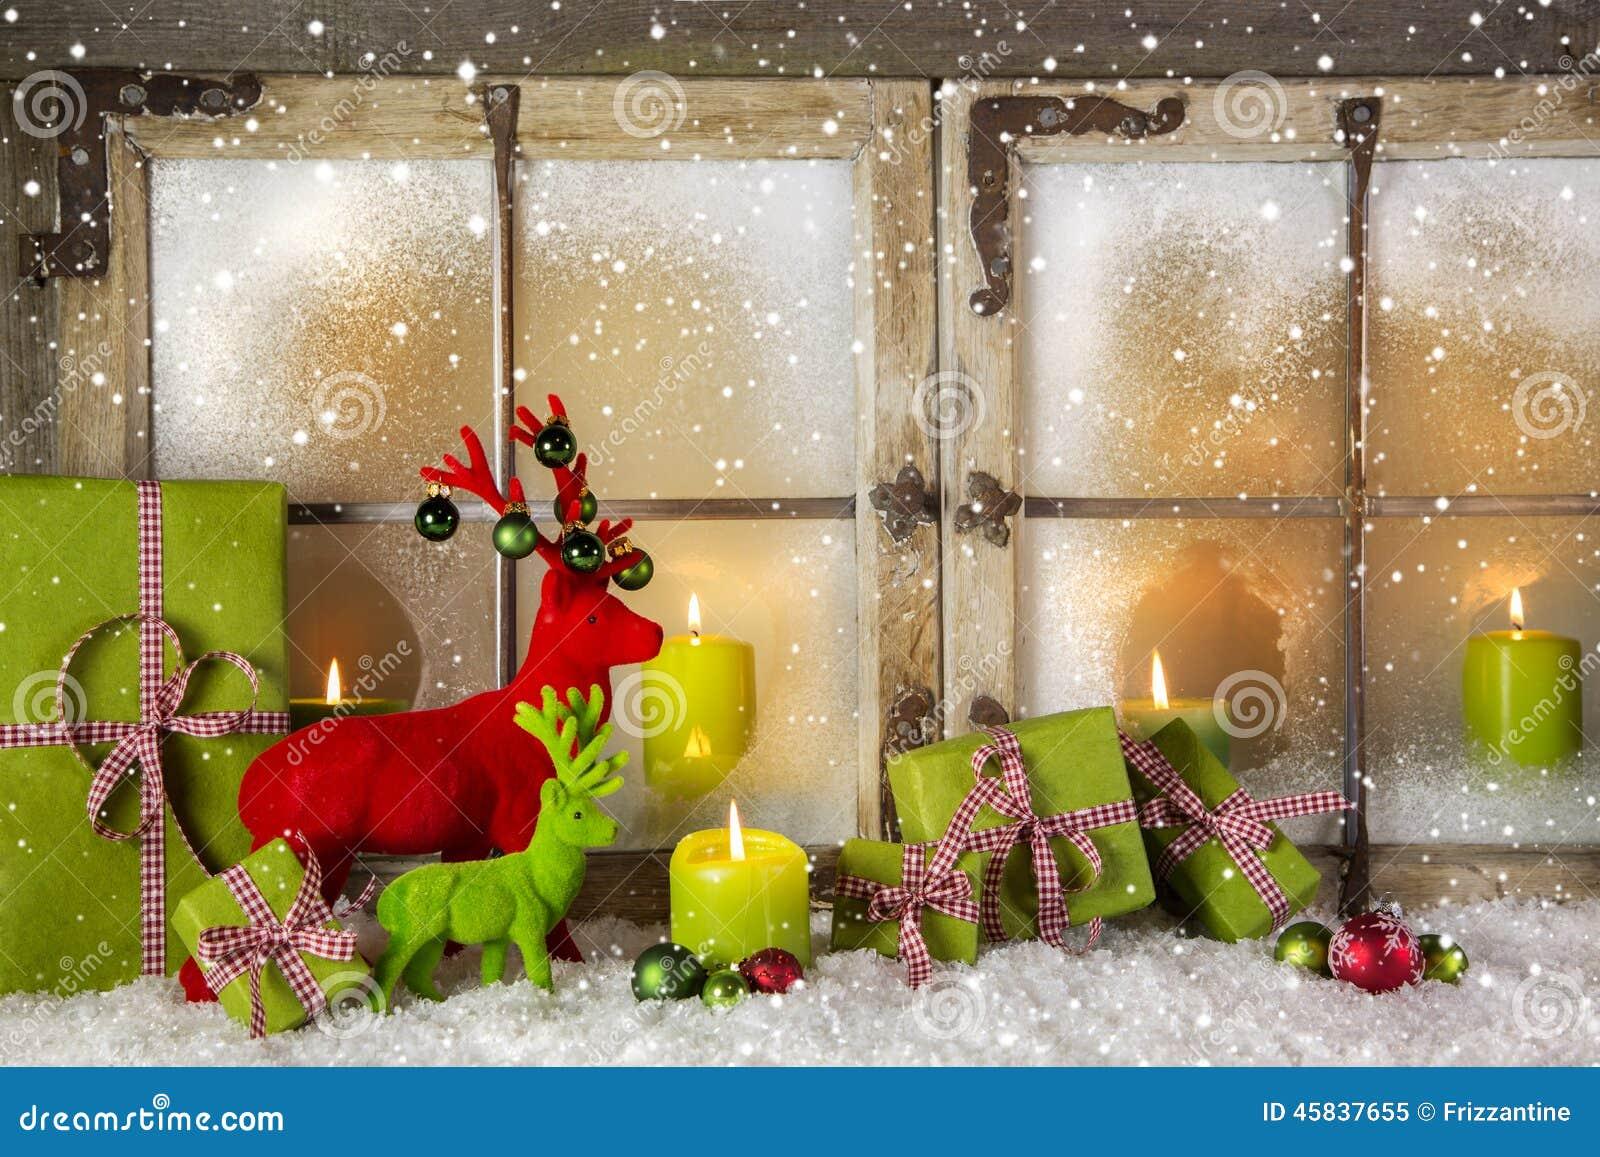 La decoración festiva de la ventana de la Navidad en verde y rojo con presen